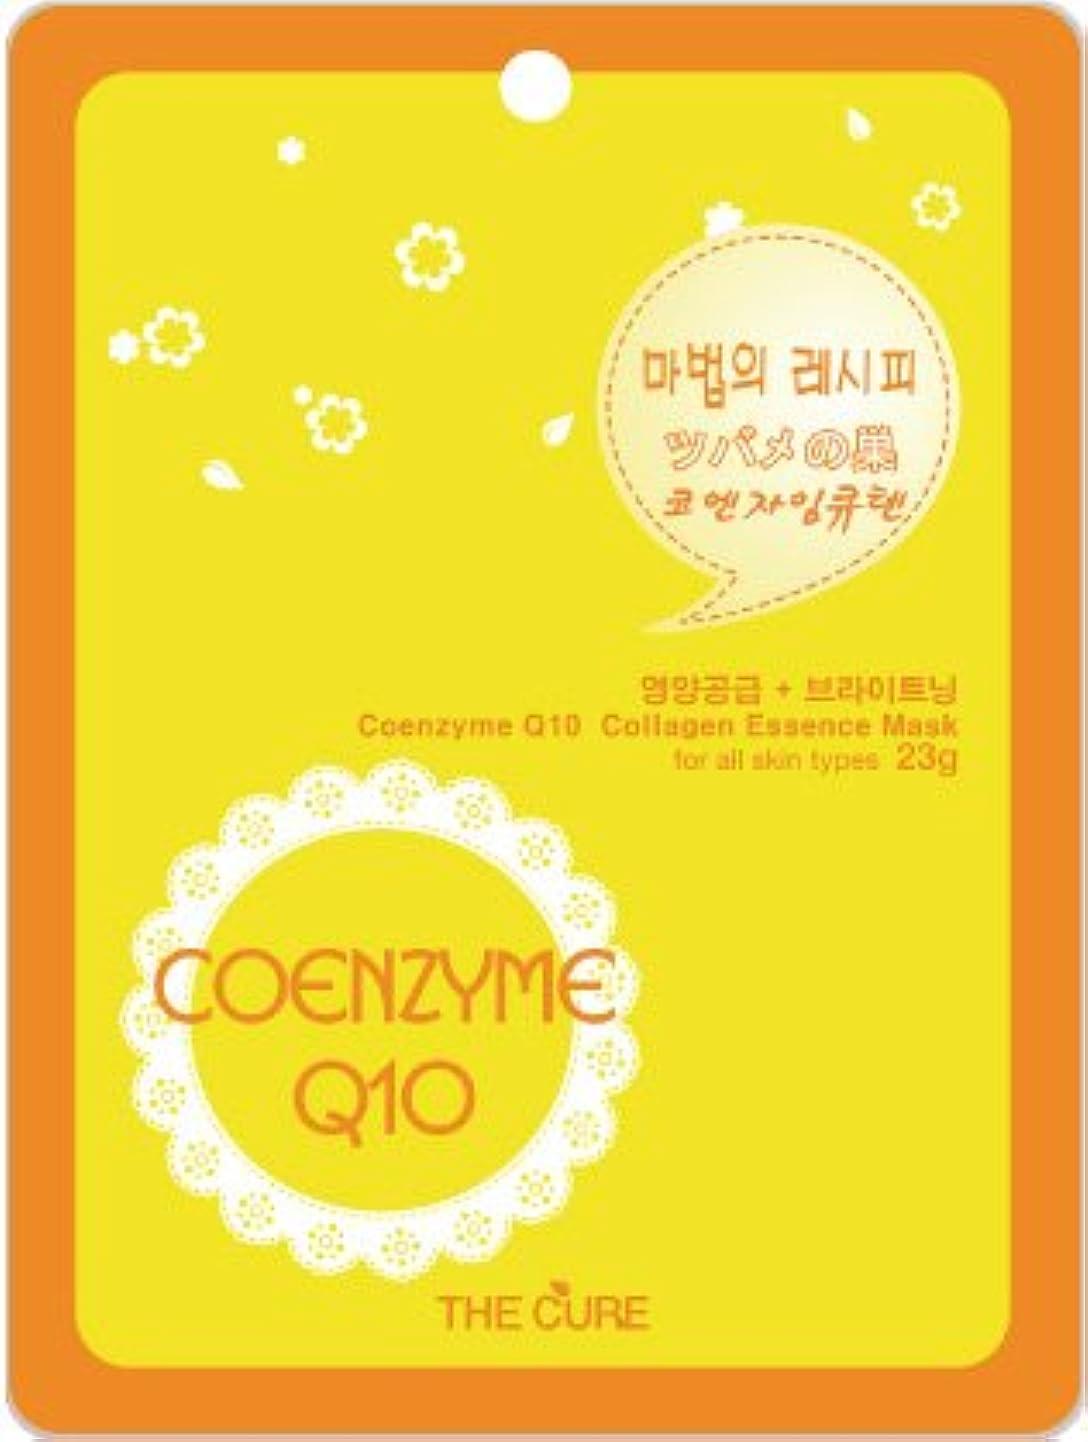 避けられないセットアップフォルダコエンザイムQ10 コラーゲン エッセンス マスク THE CURE シート パック 10枚セット 韓国 コスメ 乾燥肌 オイリー肌 混合肌